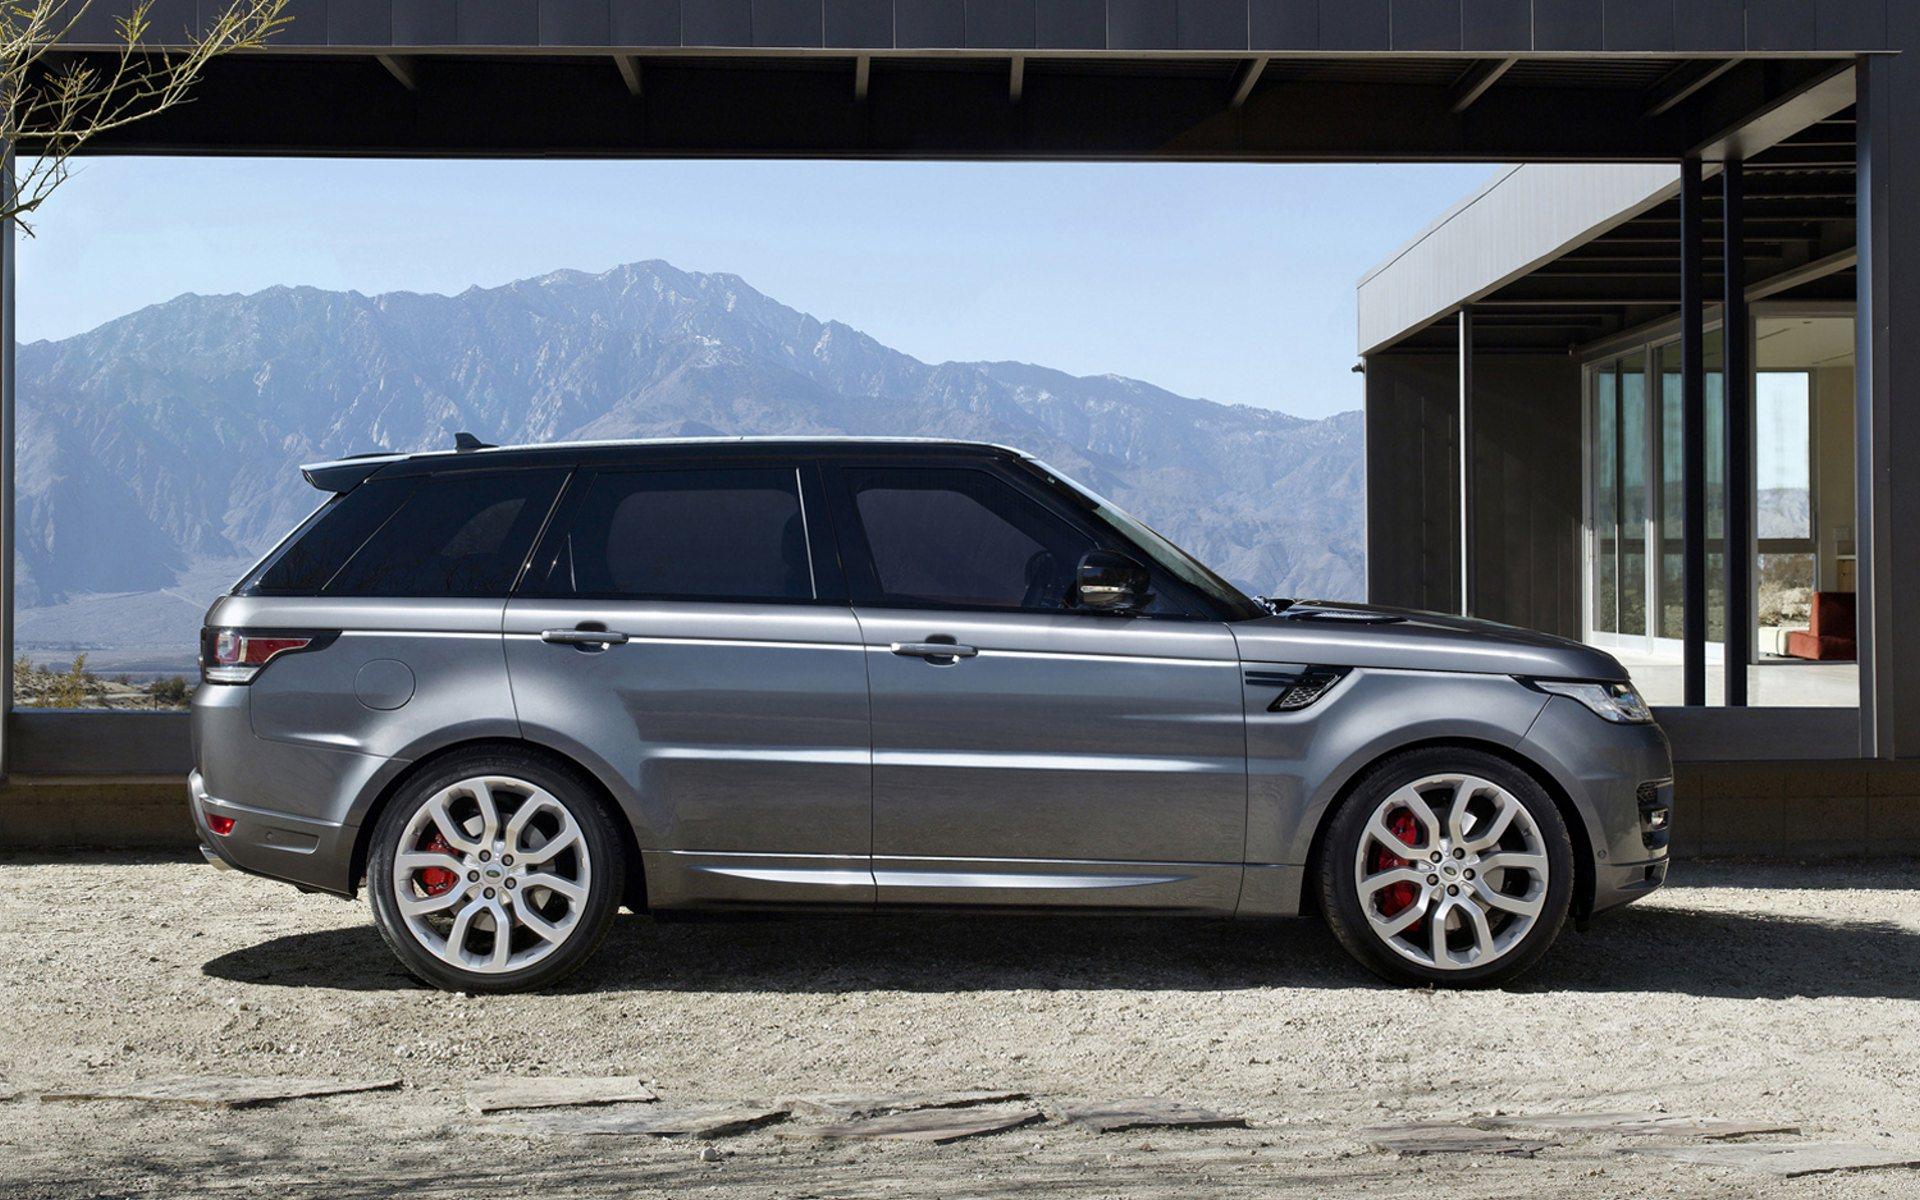 2014 Range Rover Sport Interior U003eu003e 2014 Range Rover Sport Wallpapers